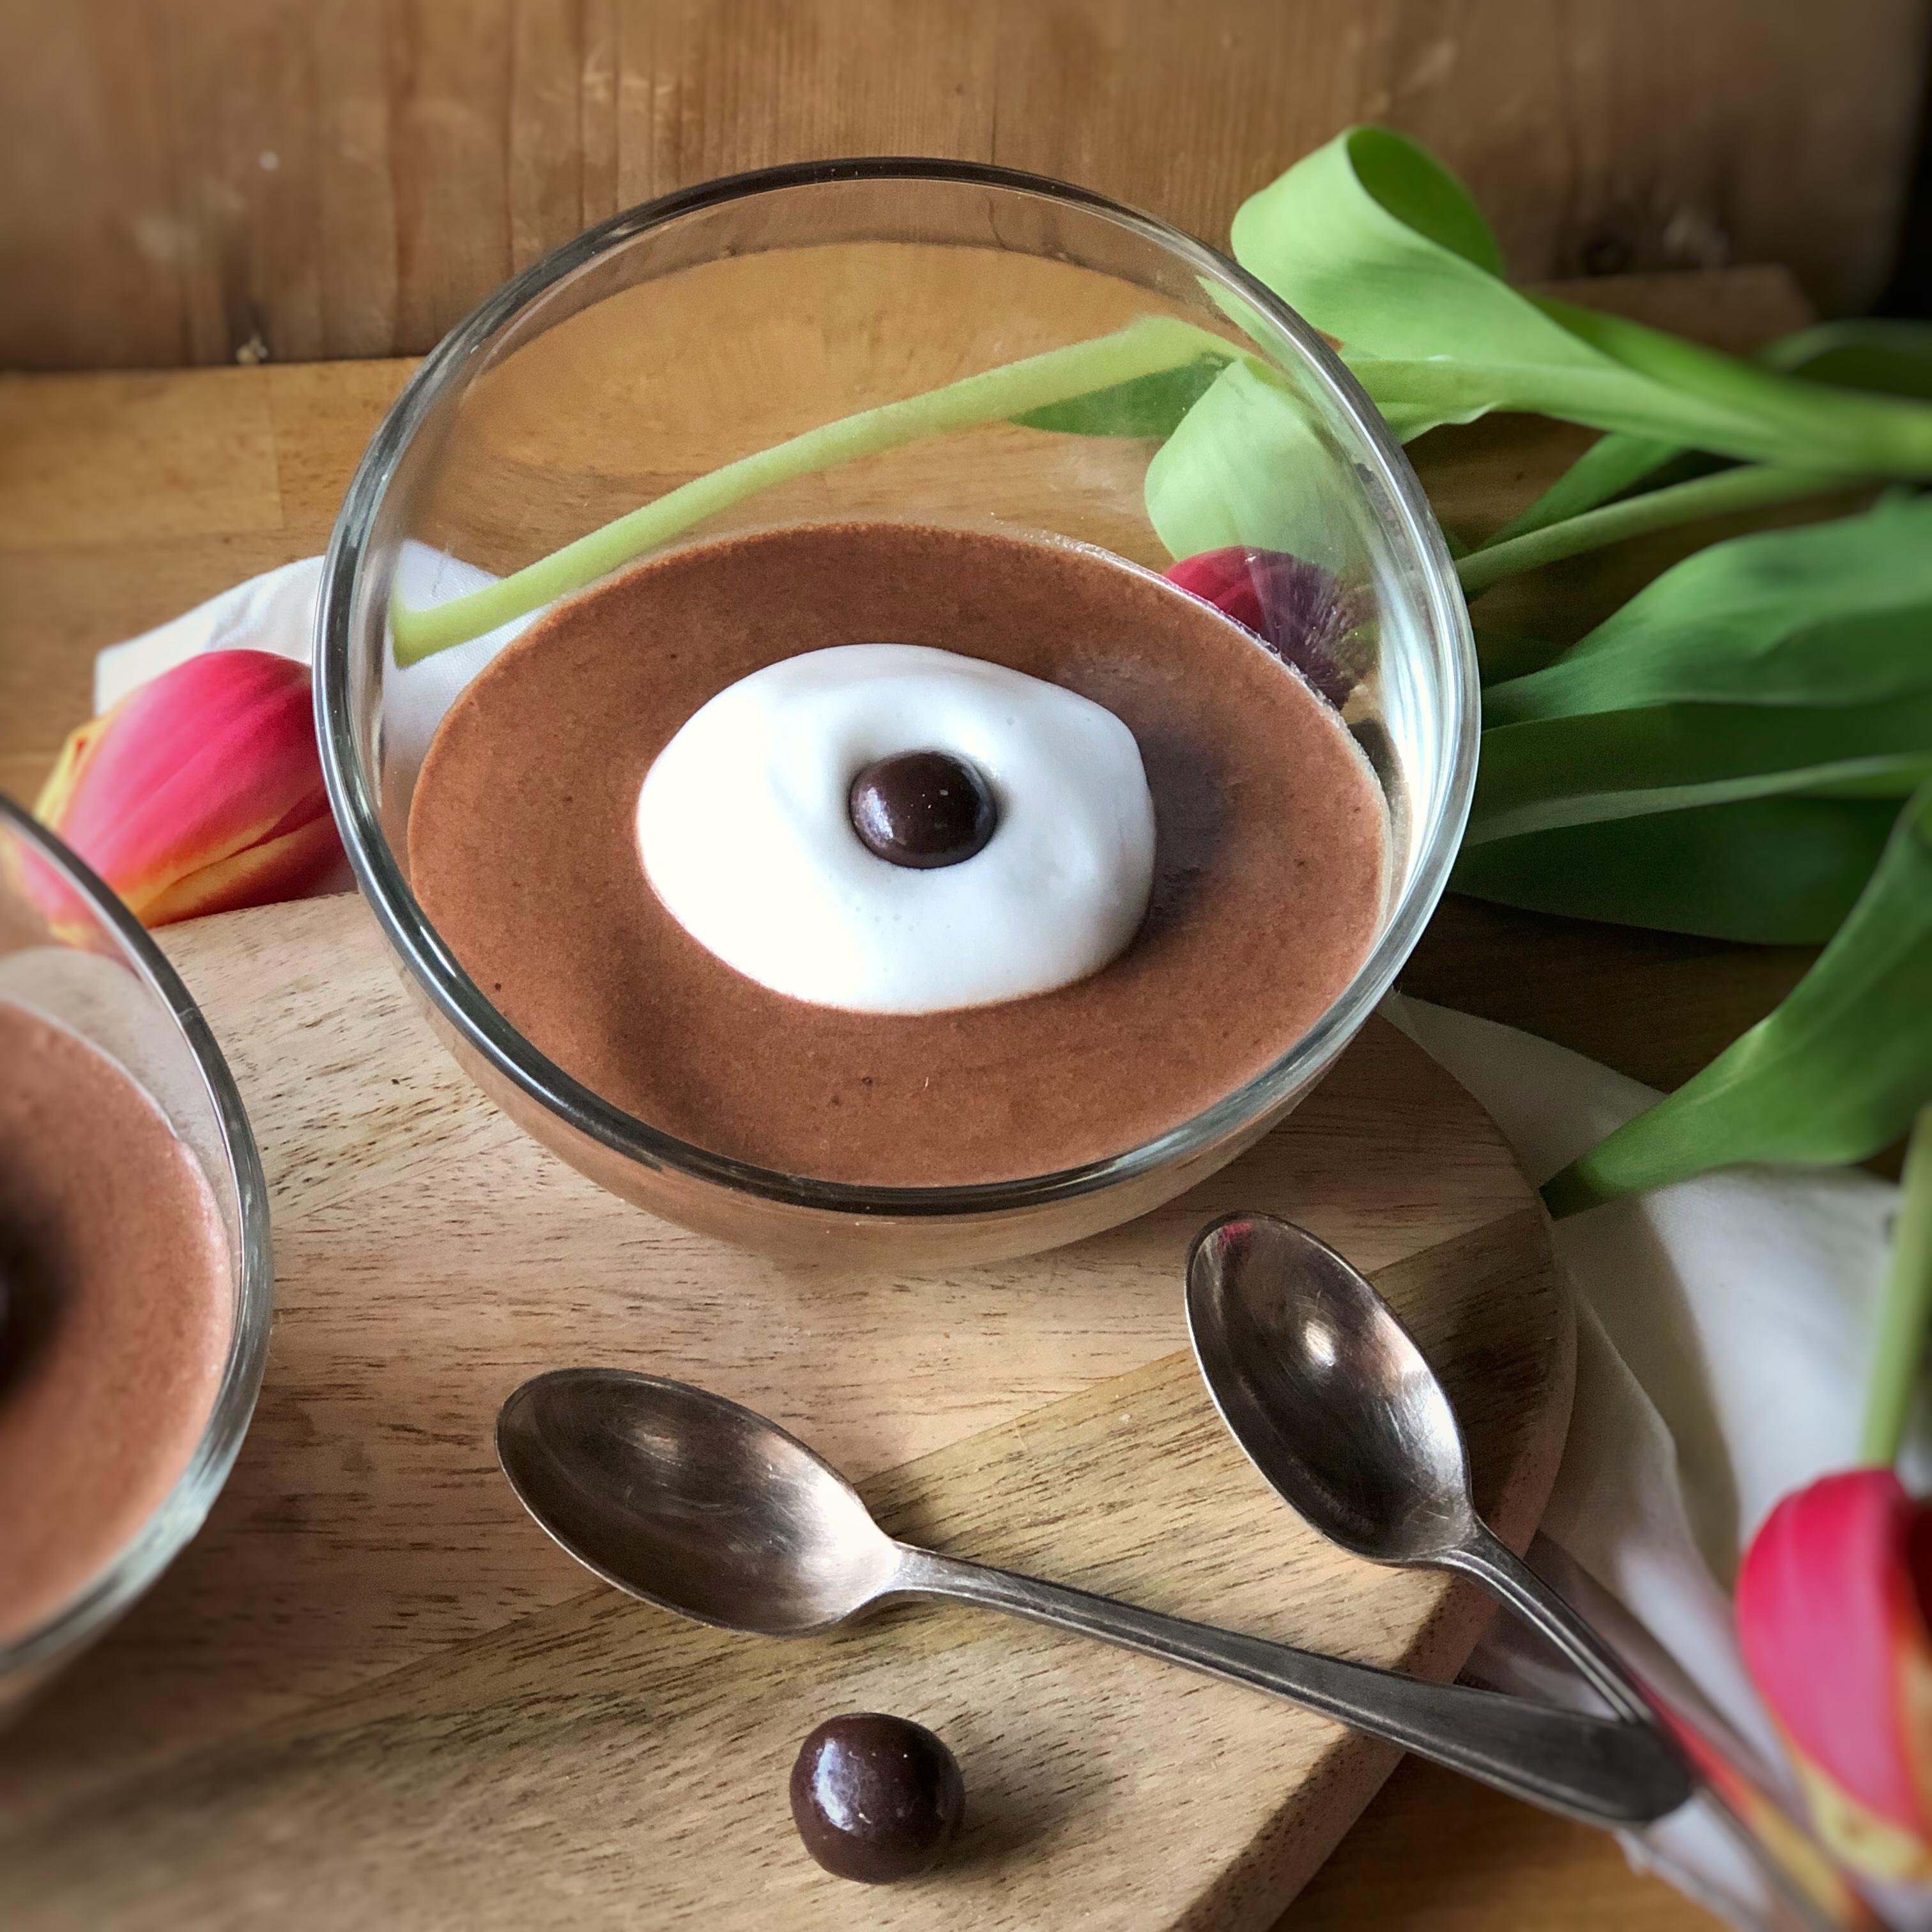 La mousse al cioccolato con aquafaba